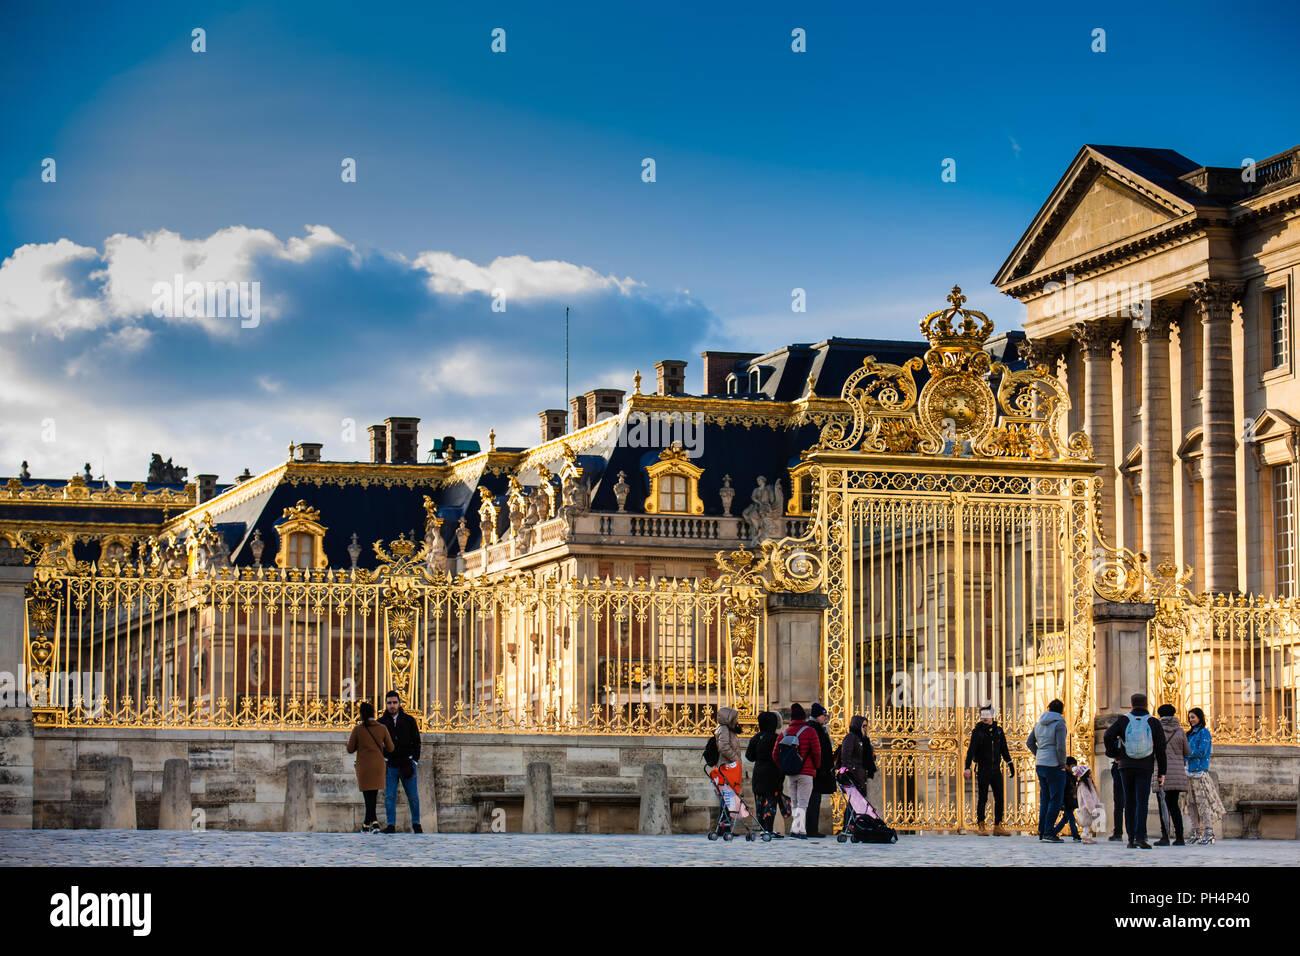 Das Schloss Versailles in einem eiskalten Wintertag kurz vor Frühling Stockbild